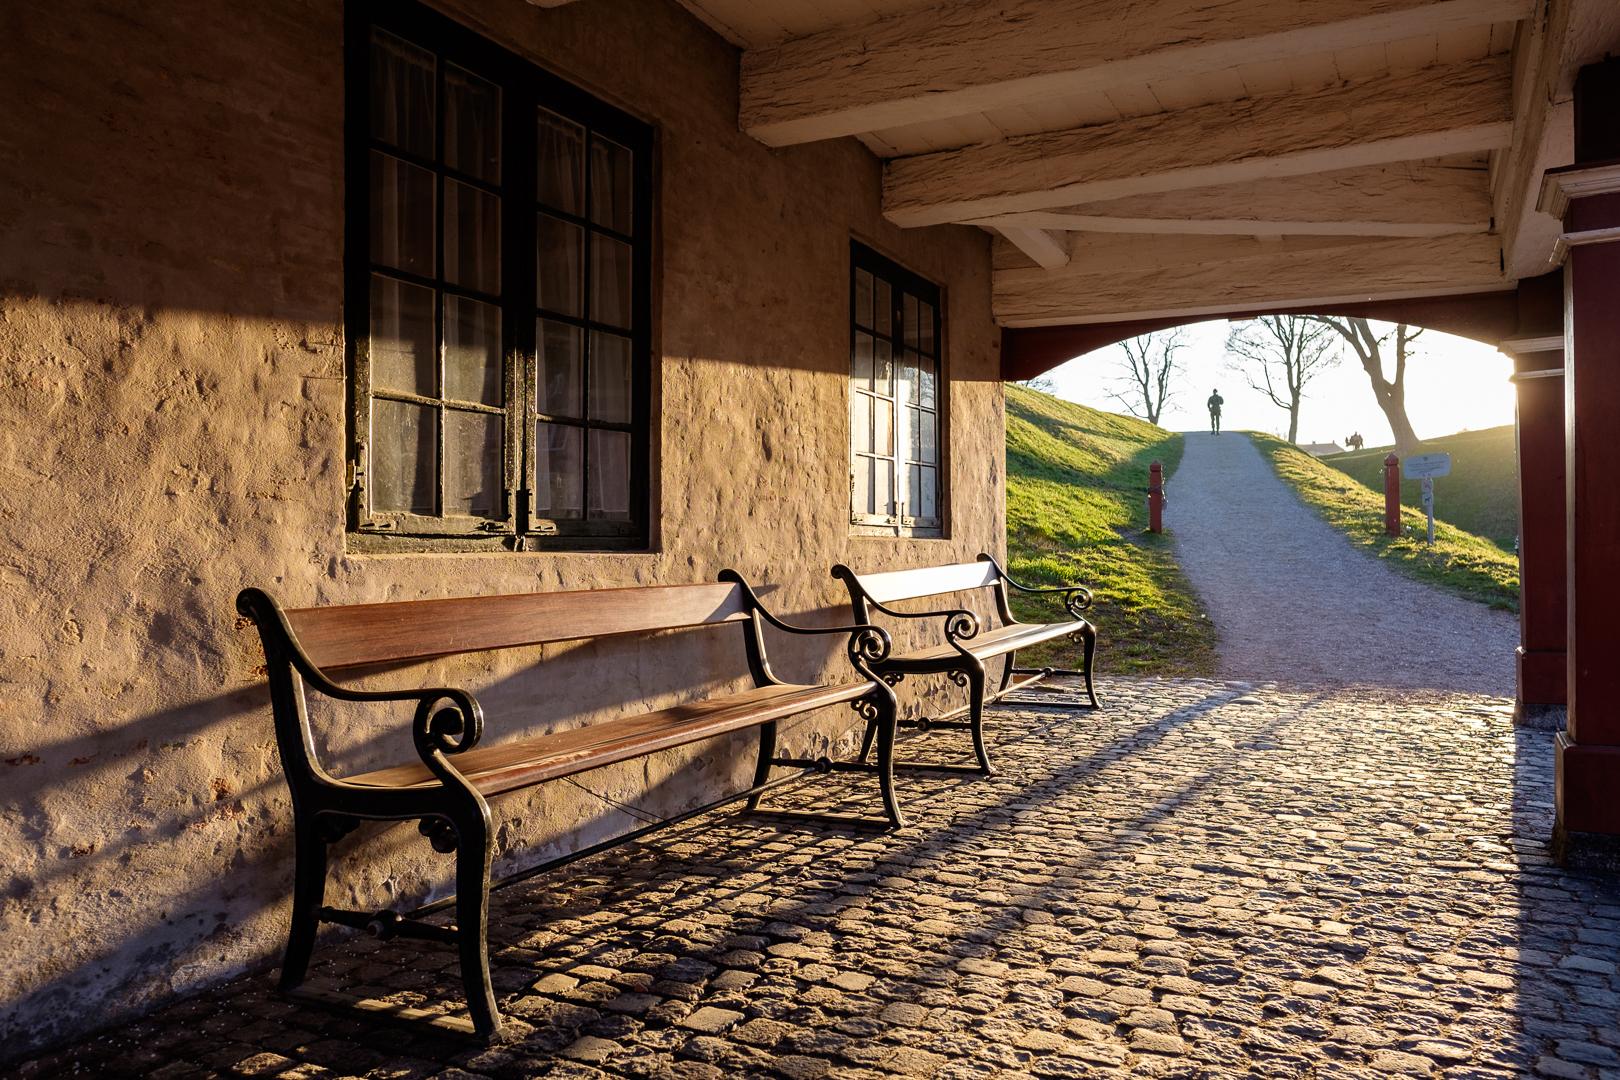 Fondos de pantalla paisaje urbano arquitectura madera for Diseno de interiores de cabanas